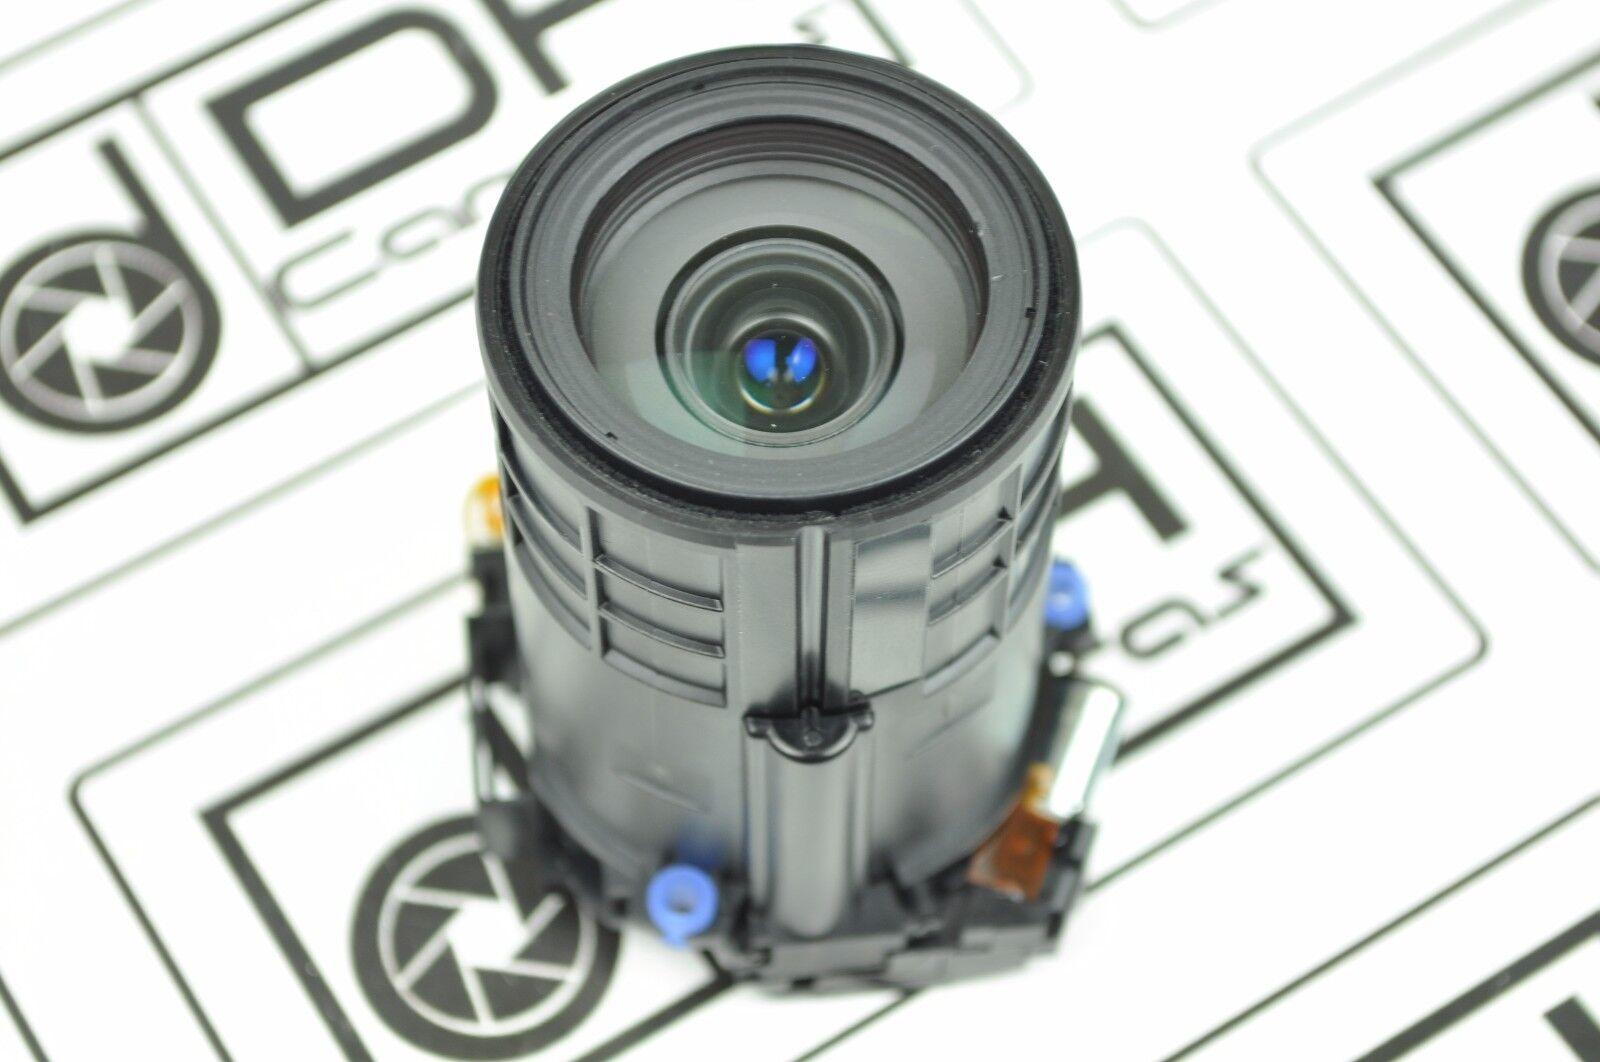 Nikon Coolpix P500 Lens Unit Assembly Repair Part With Cc...